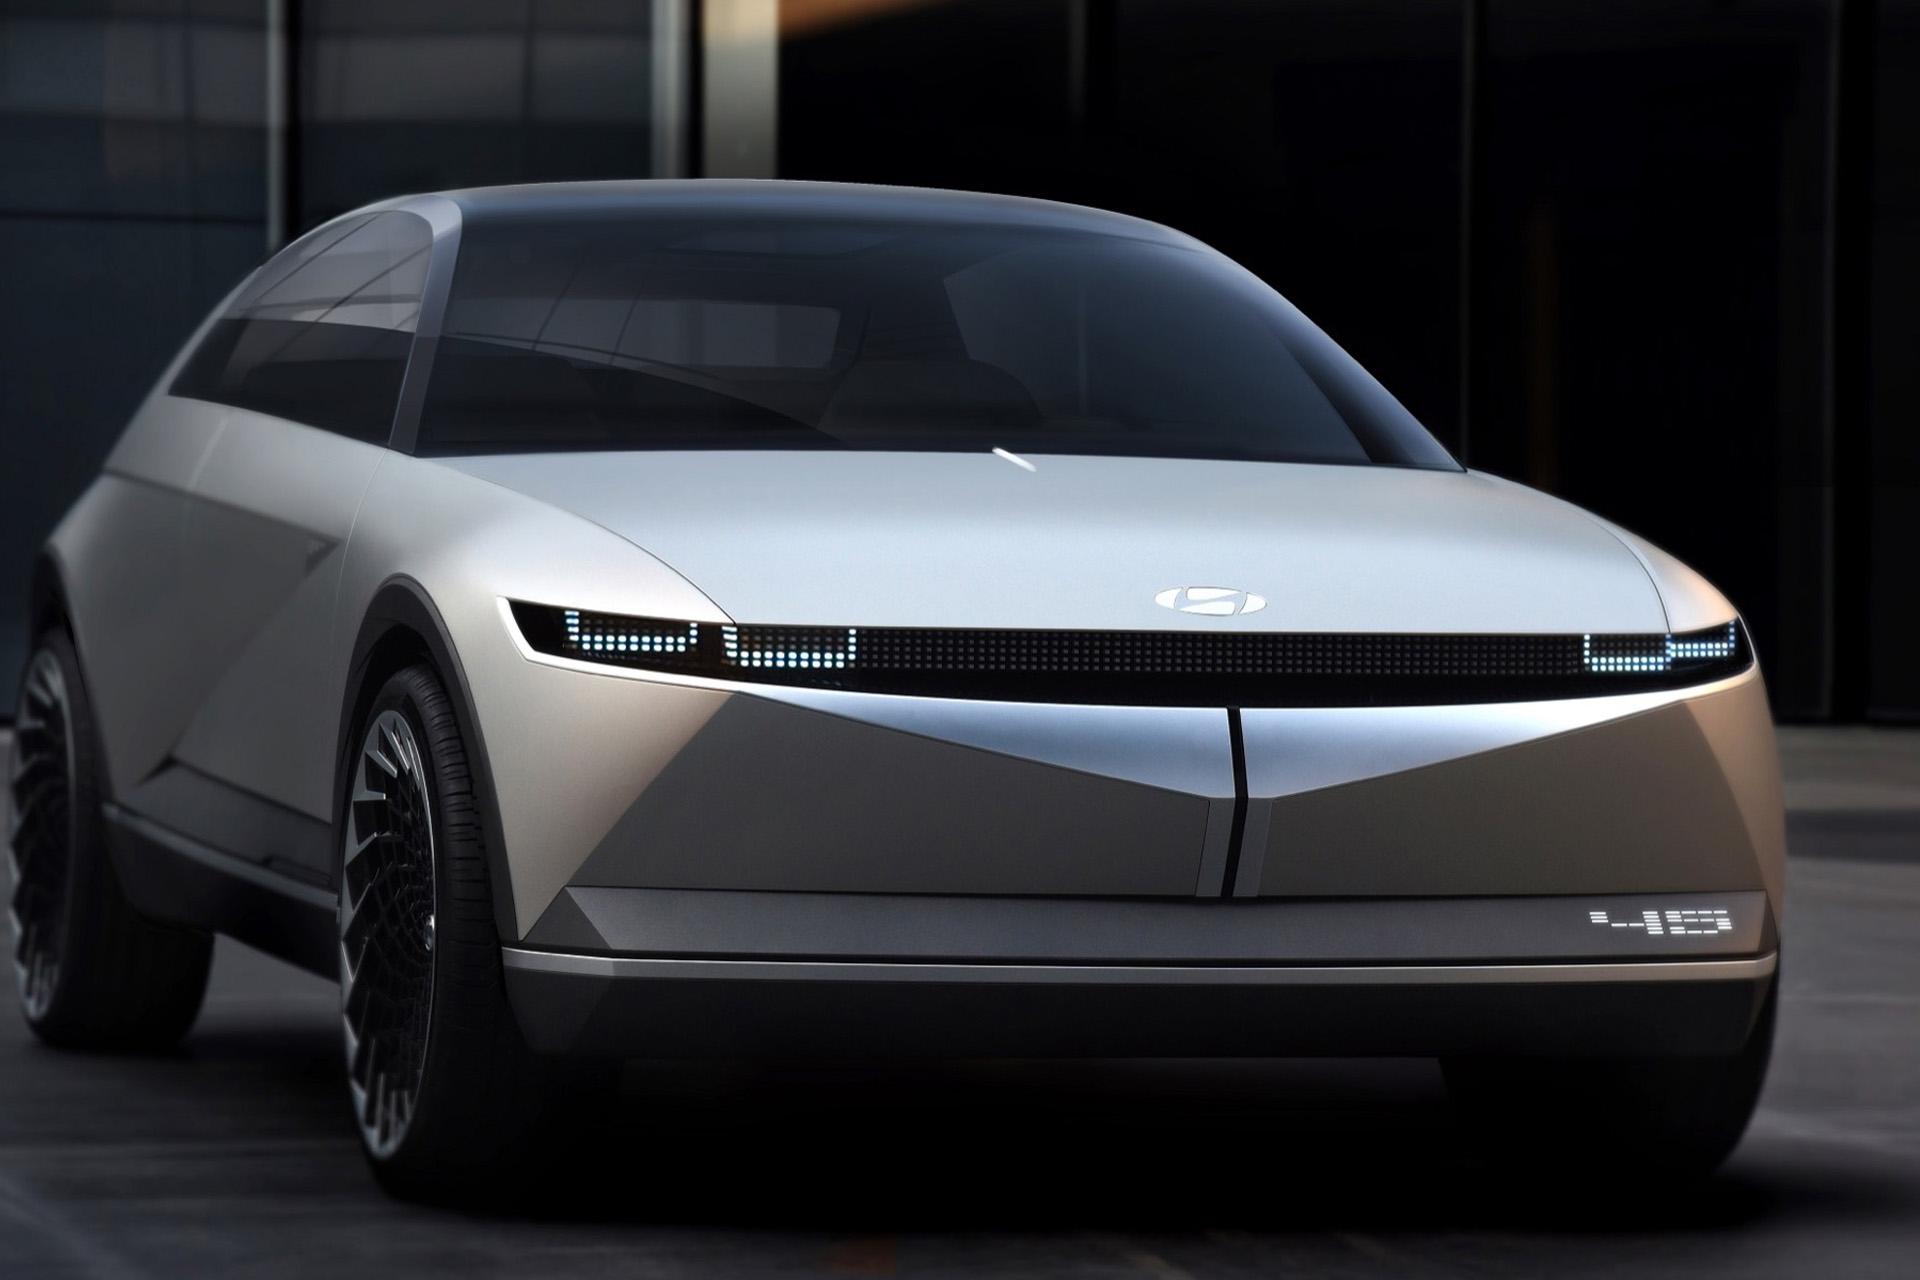 Le concept car a batteria: che cosa sono e qual'è il loro futuro.